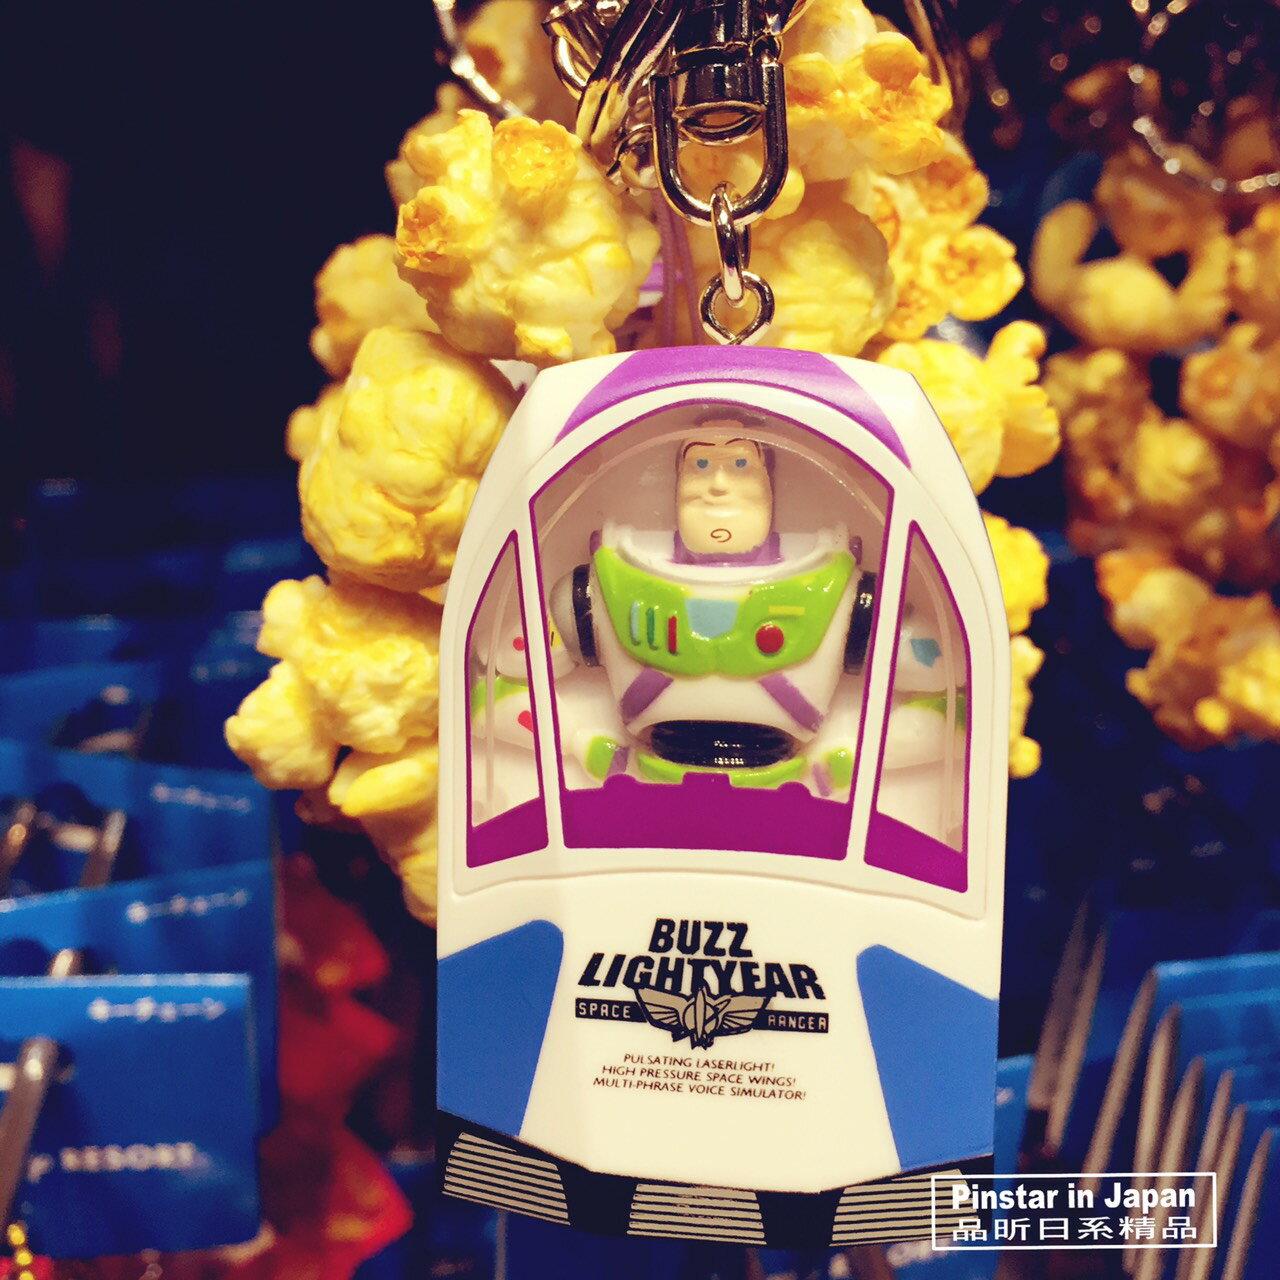 【真愛日本】18012600011 樂園限定鎖圈-爆米花筒巴斯光年 巴斯 爆米花鑰匙圈 吊飾 日本迪士尼樂園帶回